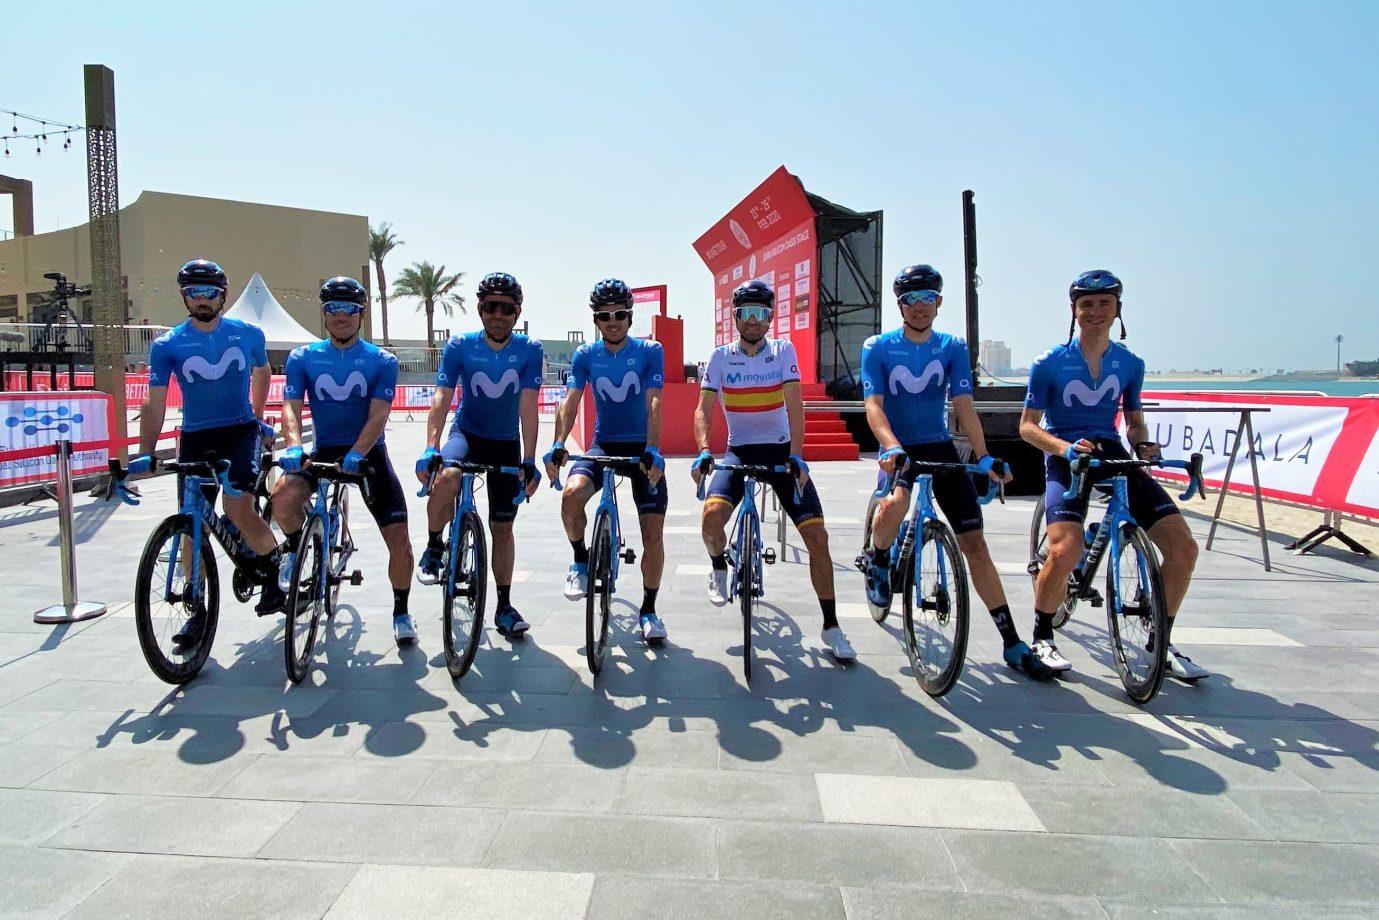 Imagen de la noticia 'Blues safe at UAE opener in Dubai, Rojas 9th'